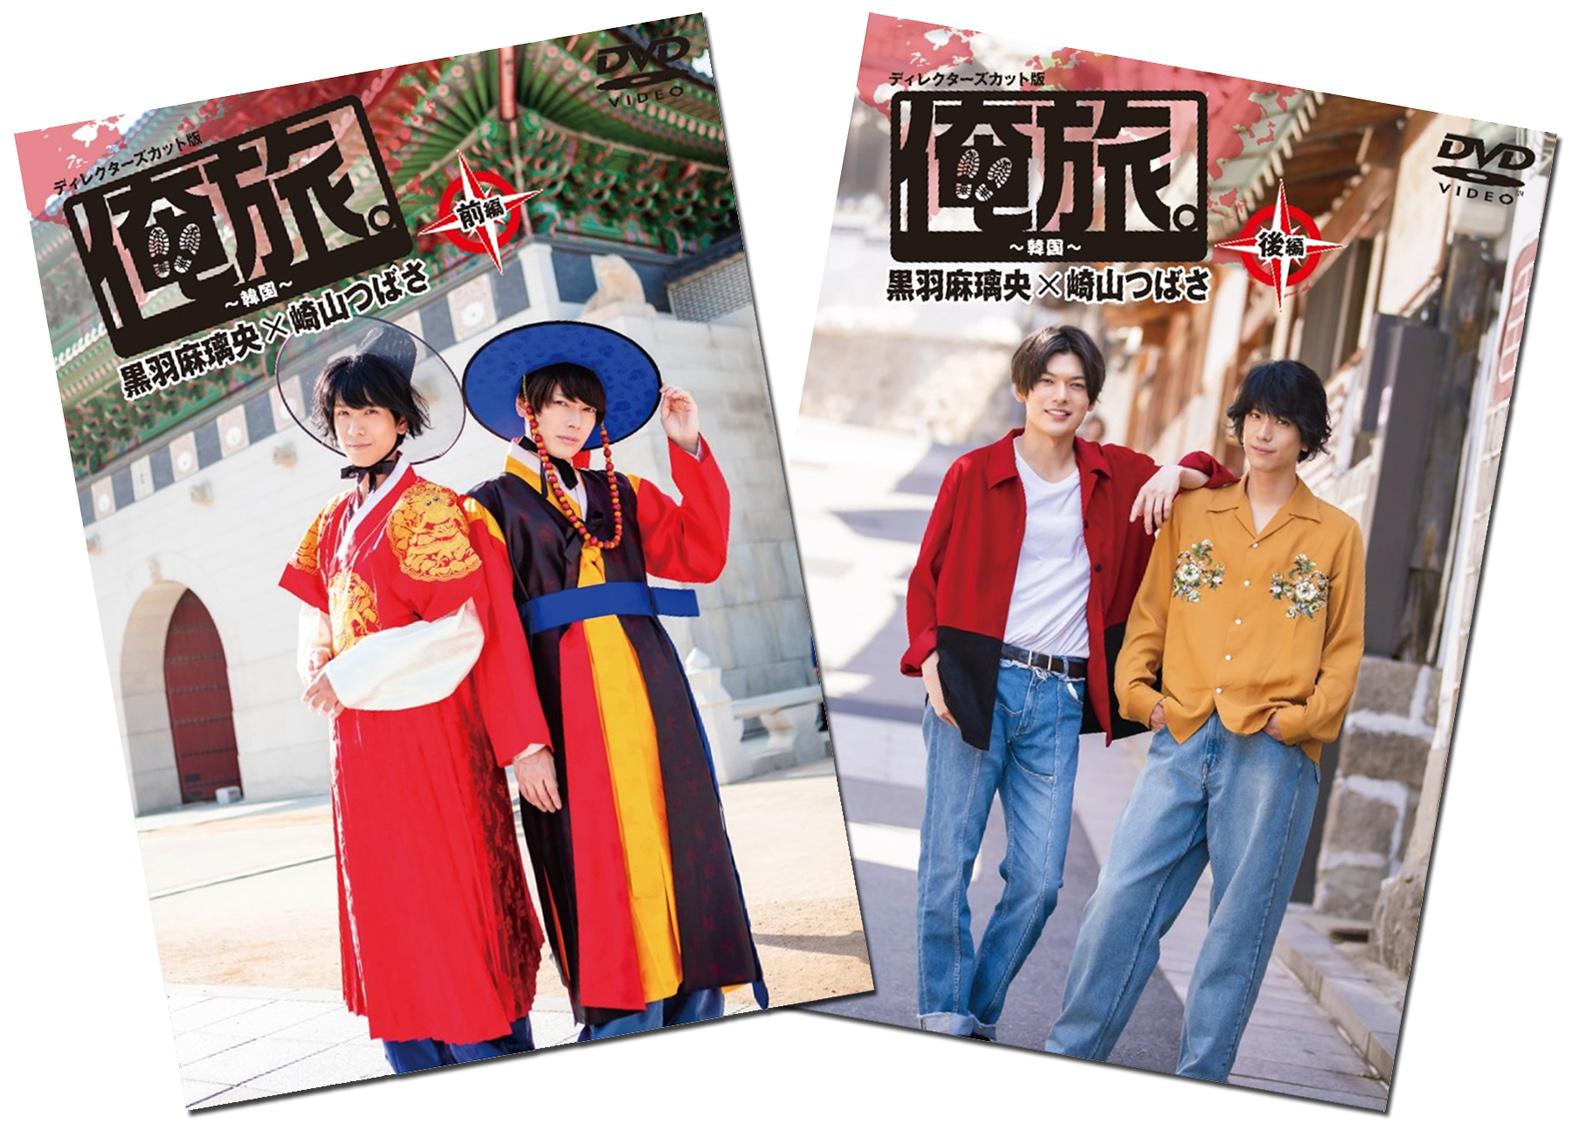 「俺旅。in 韓国」DVD 前編・後編 黒羽麻璃央×崎山つばさ(3月27日発売 予約受付中)